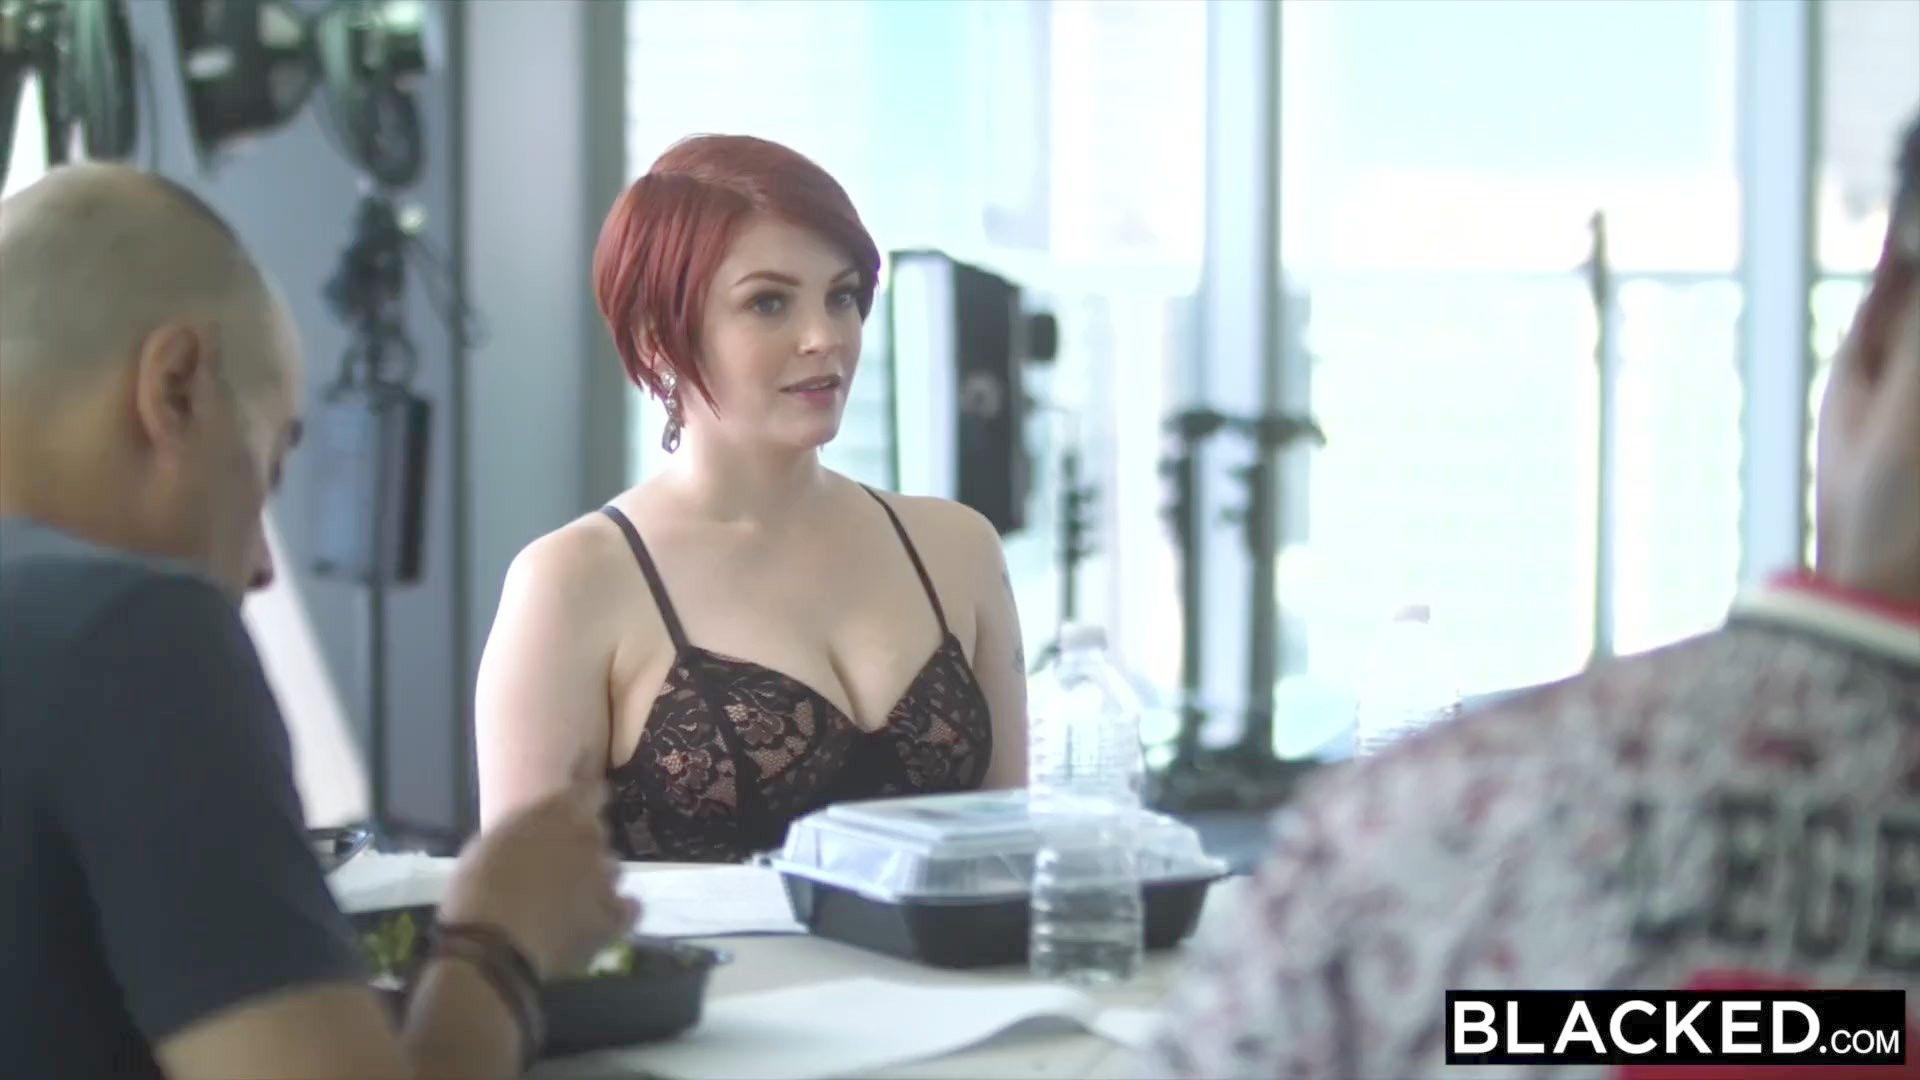 vergen girl sex with the big dick